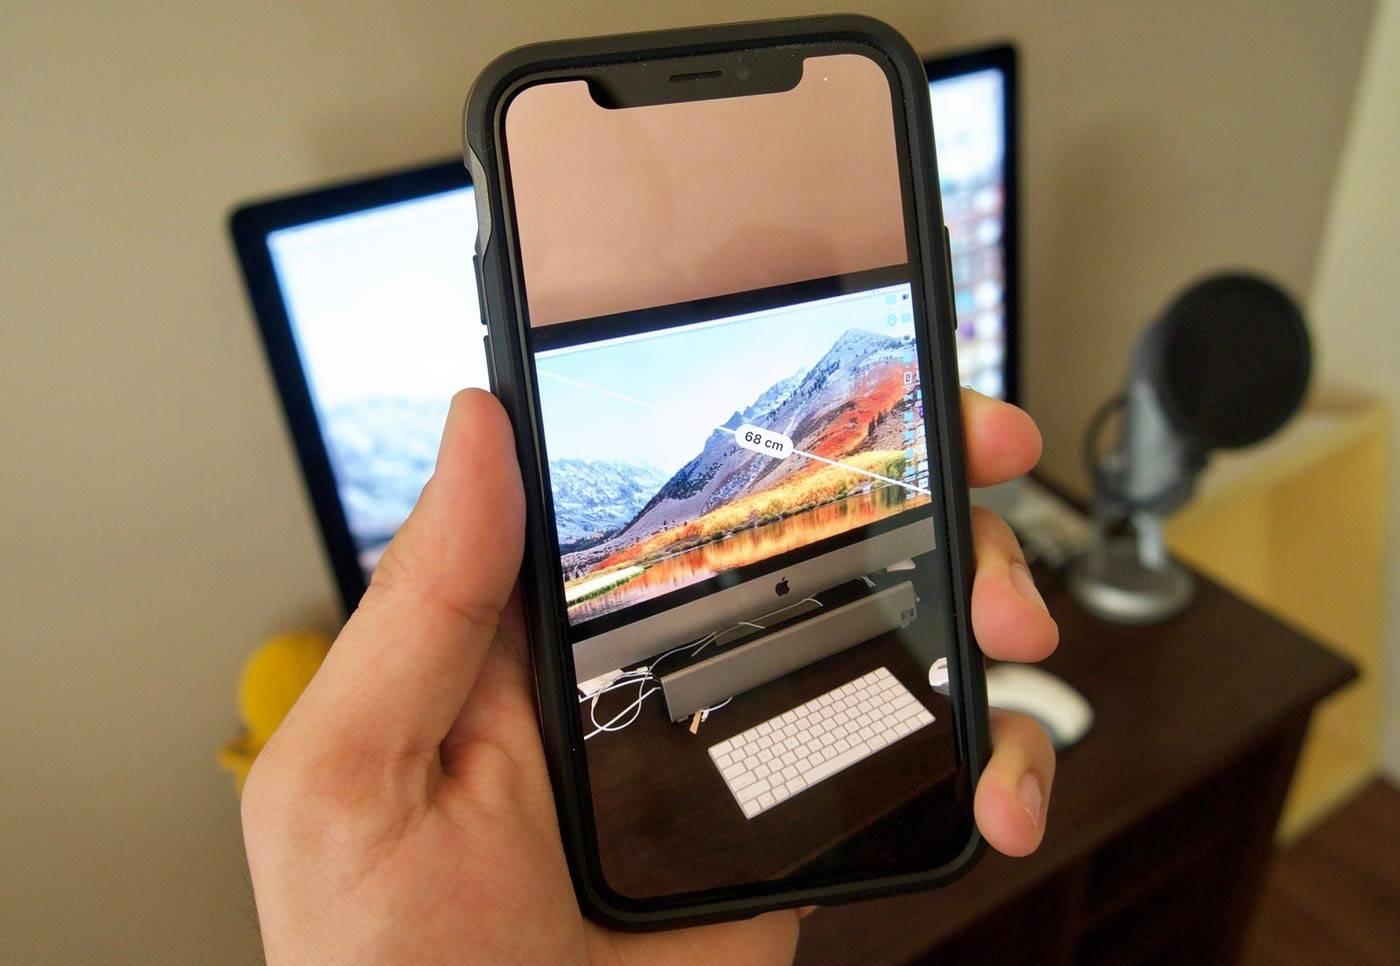 تصویر روش استفاده از برنامه Measure در iOS 12